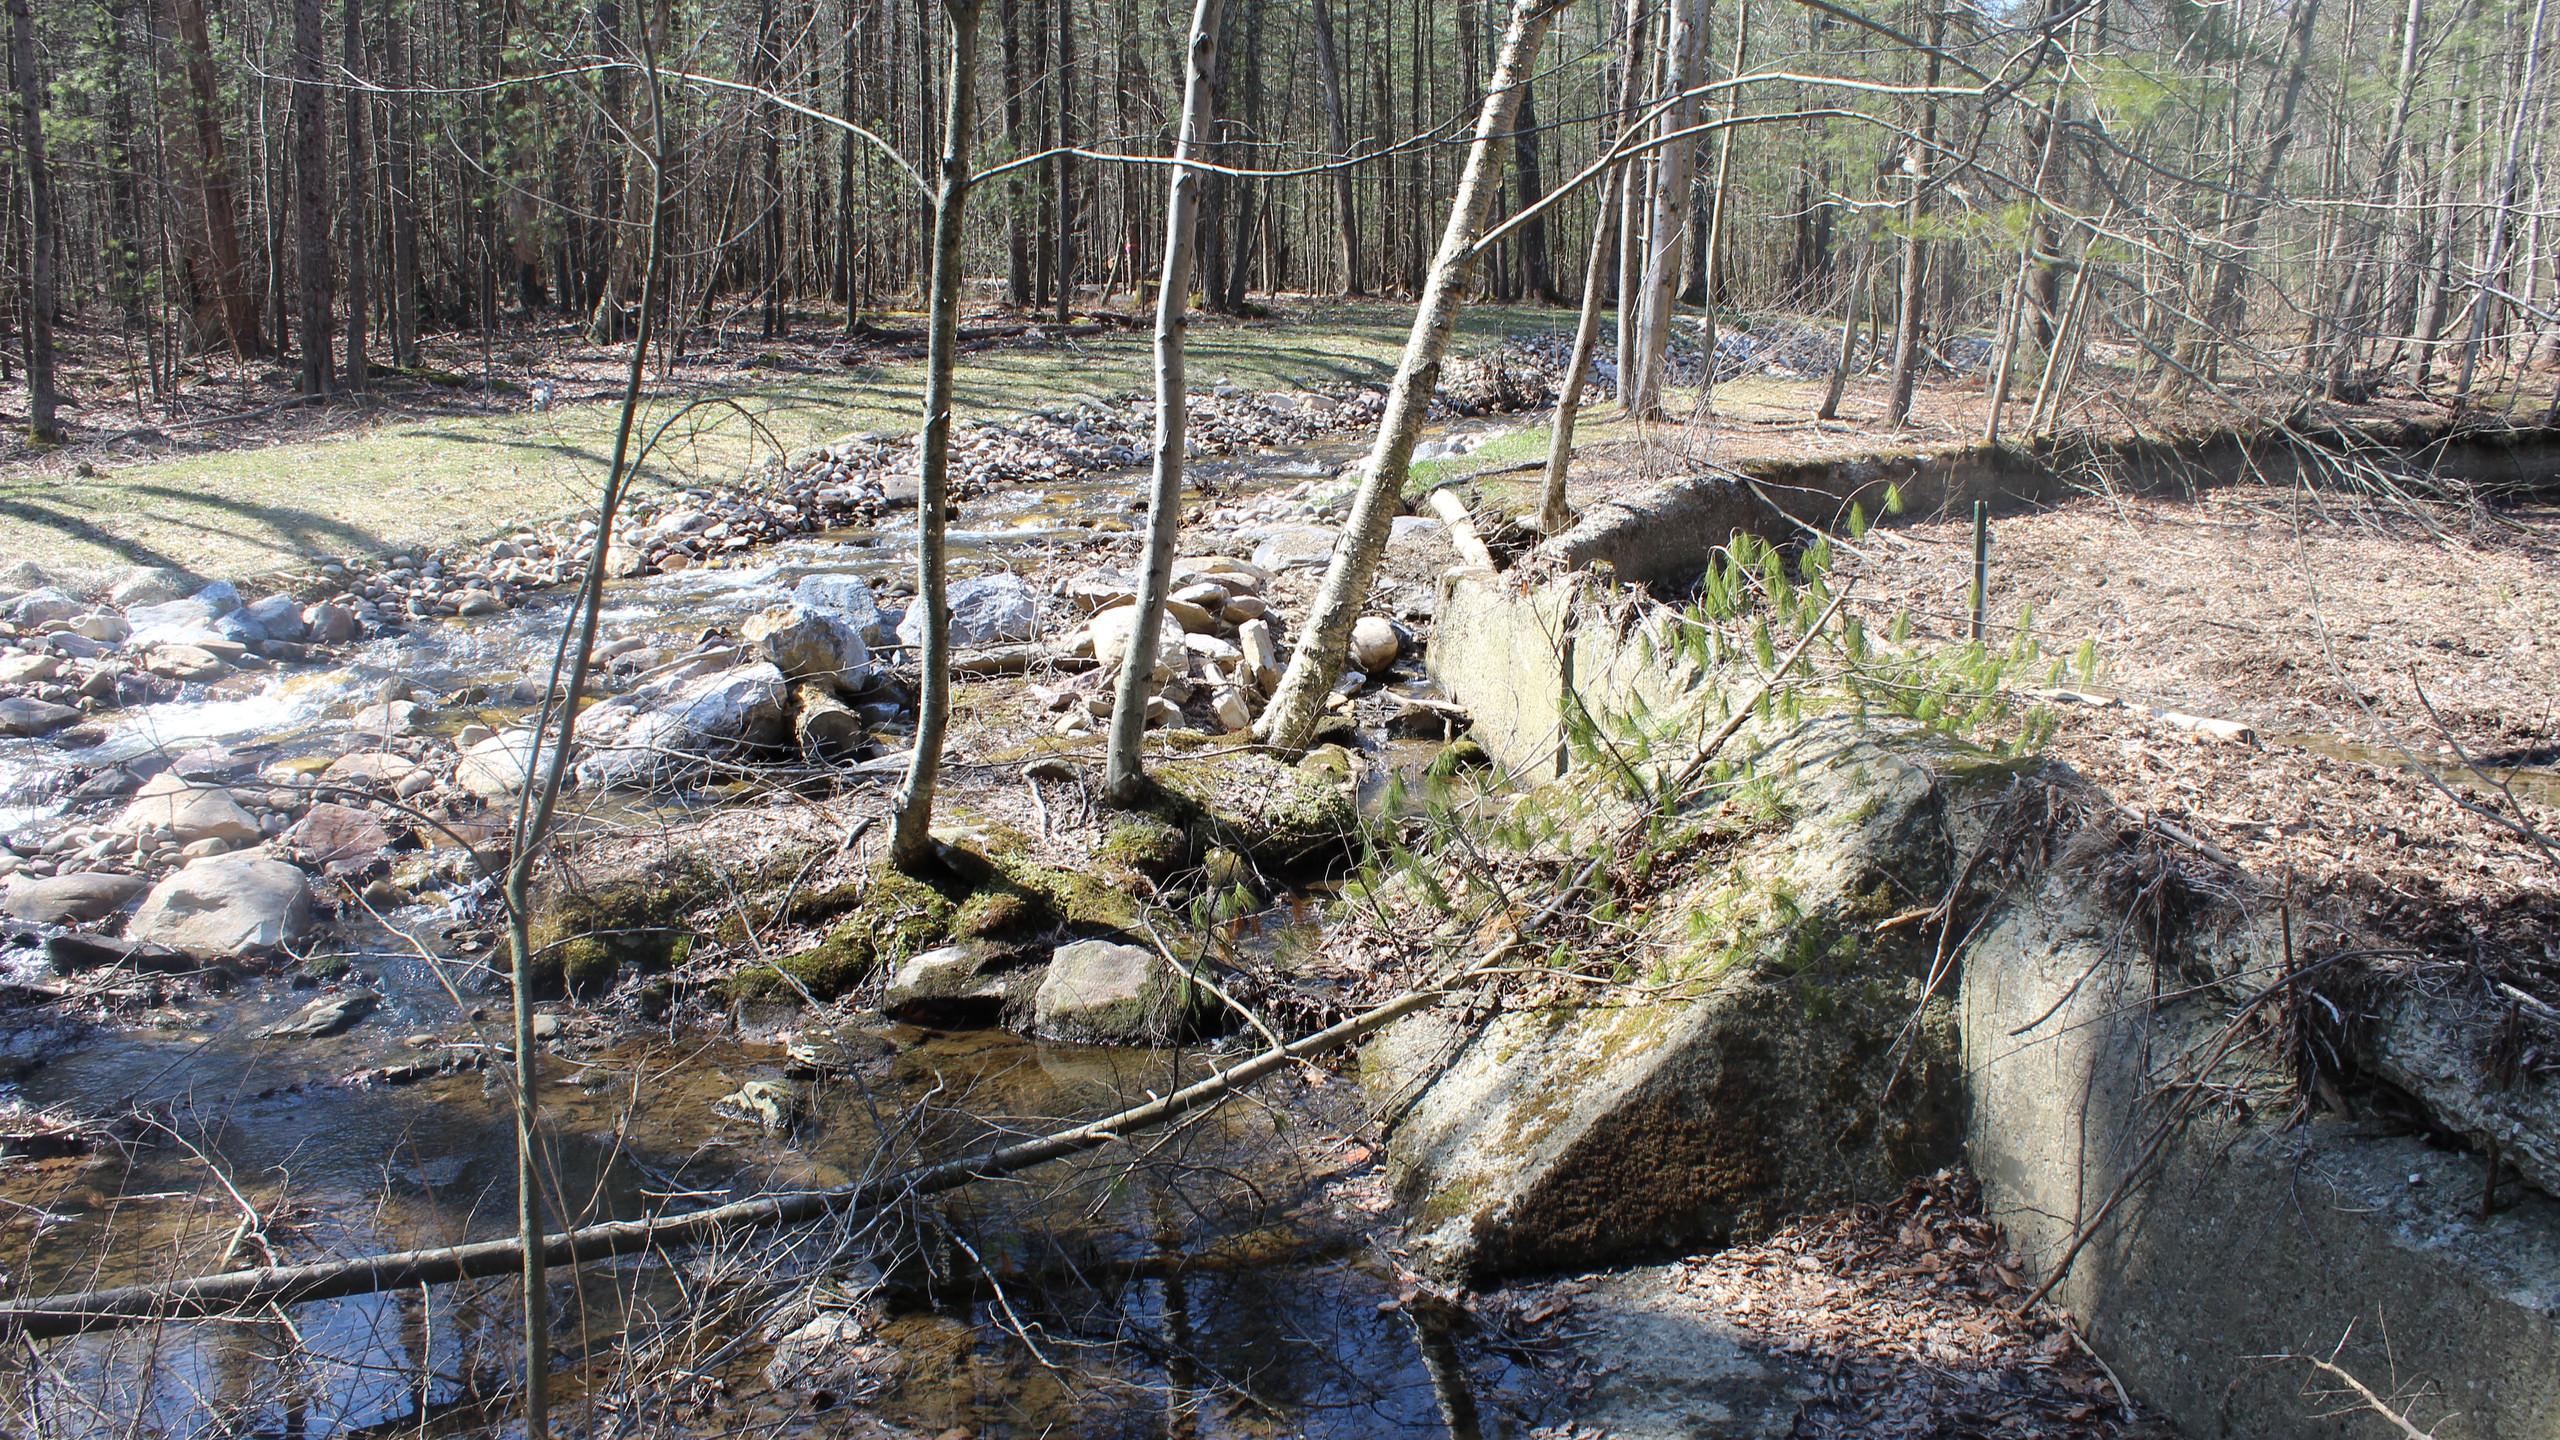 Another Dam along Toms Run